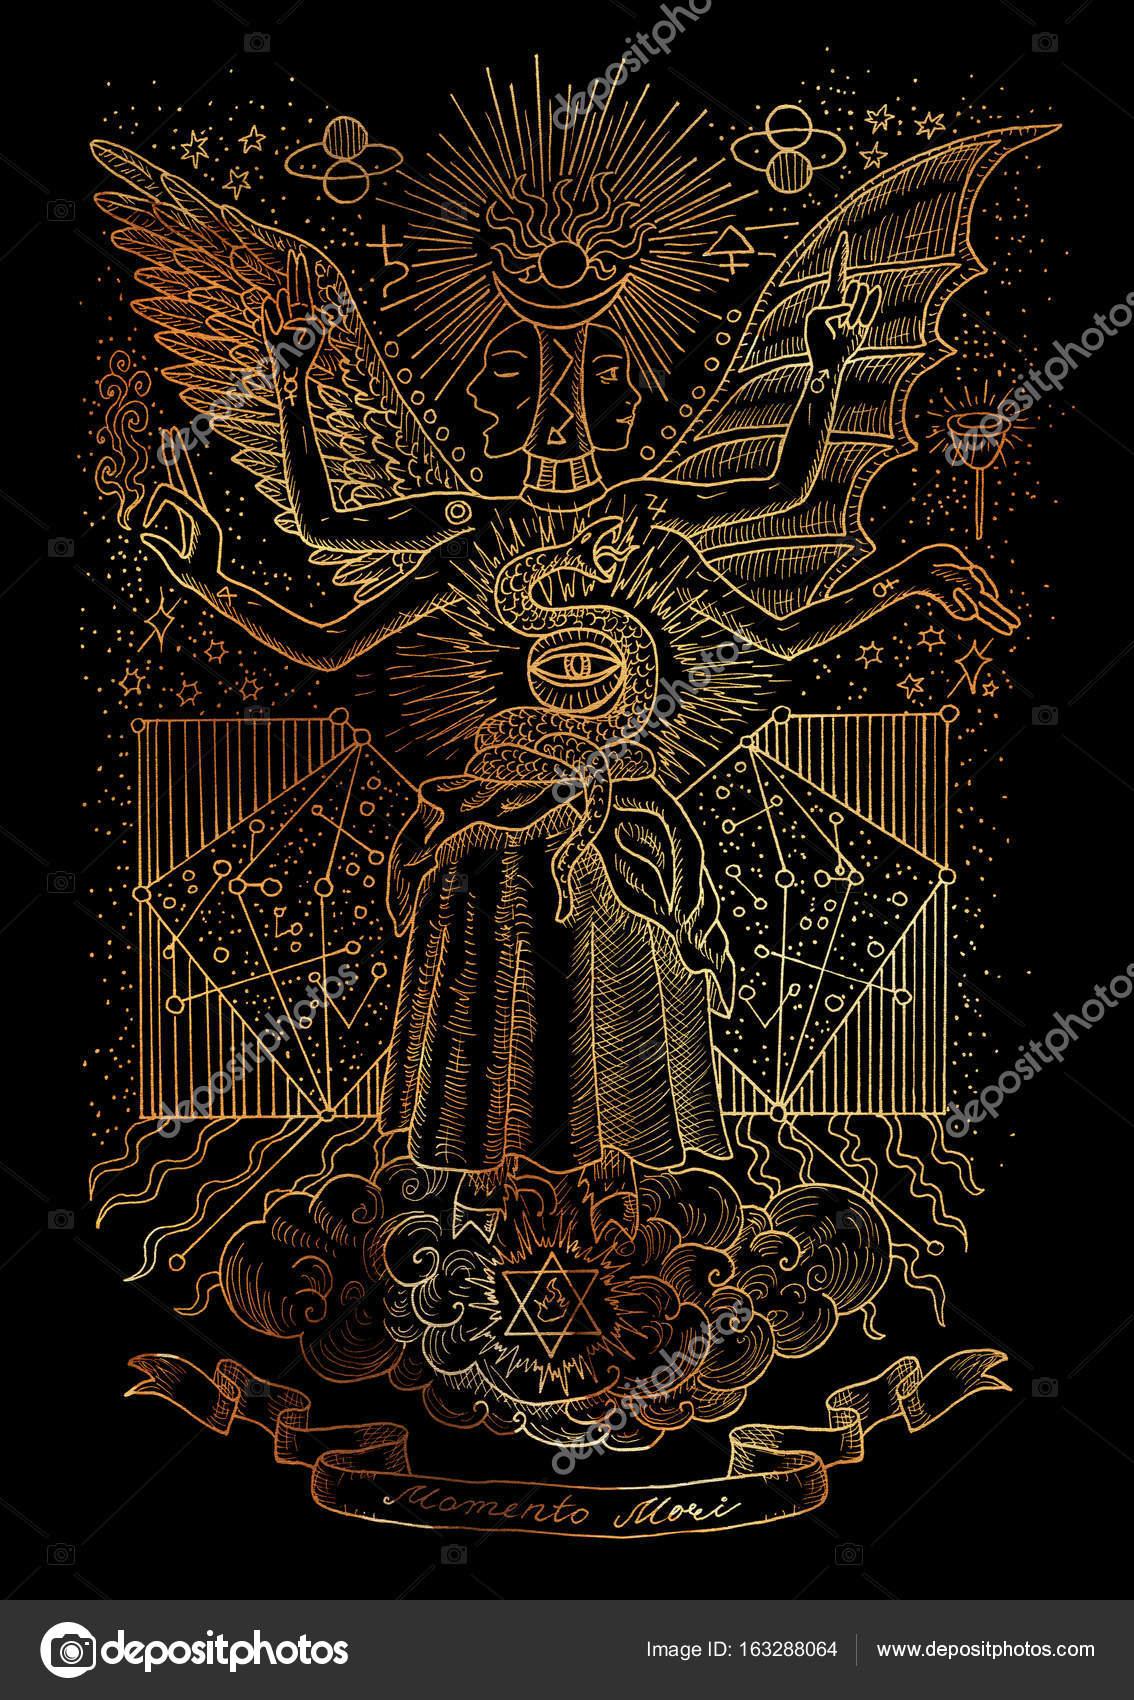 精神的なシンボルの神秘的なイラスト黒い背景に星座 Vingette バナーと